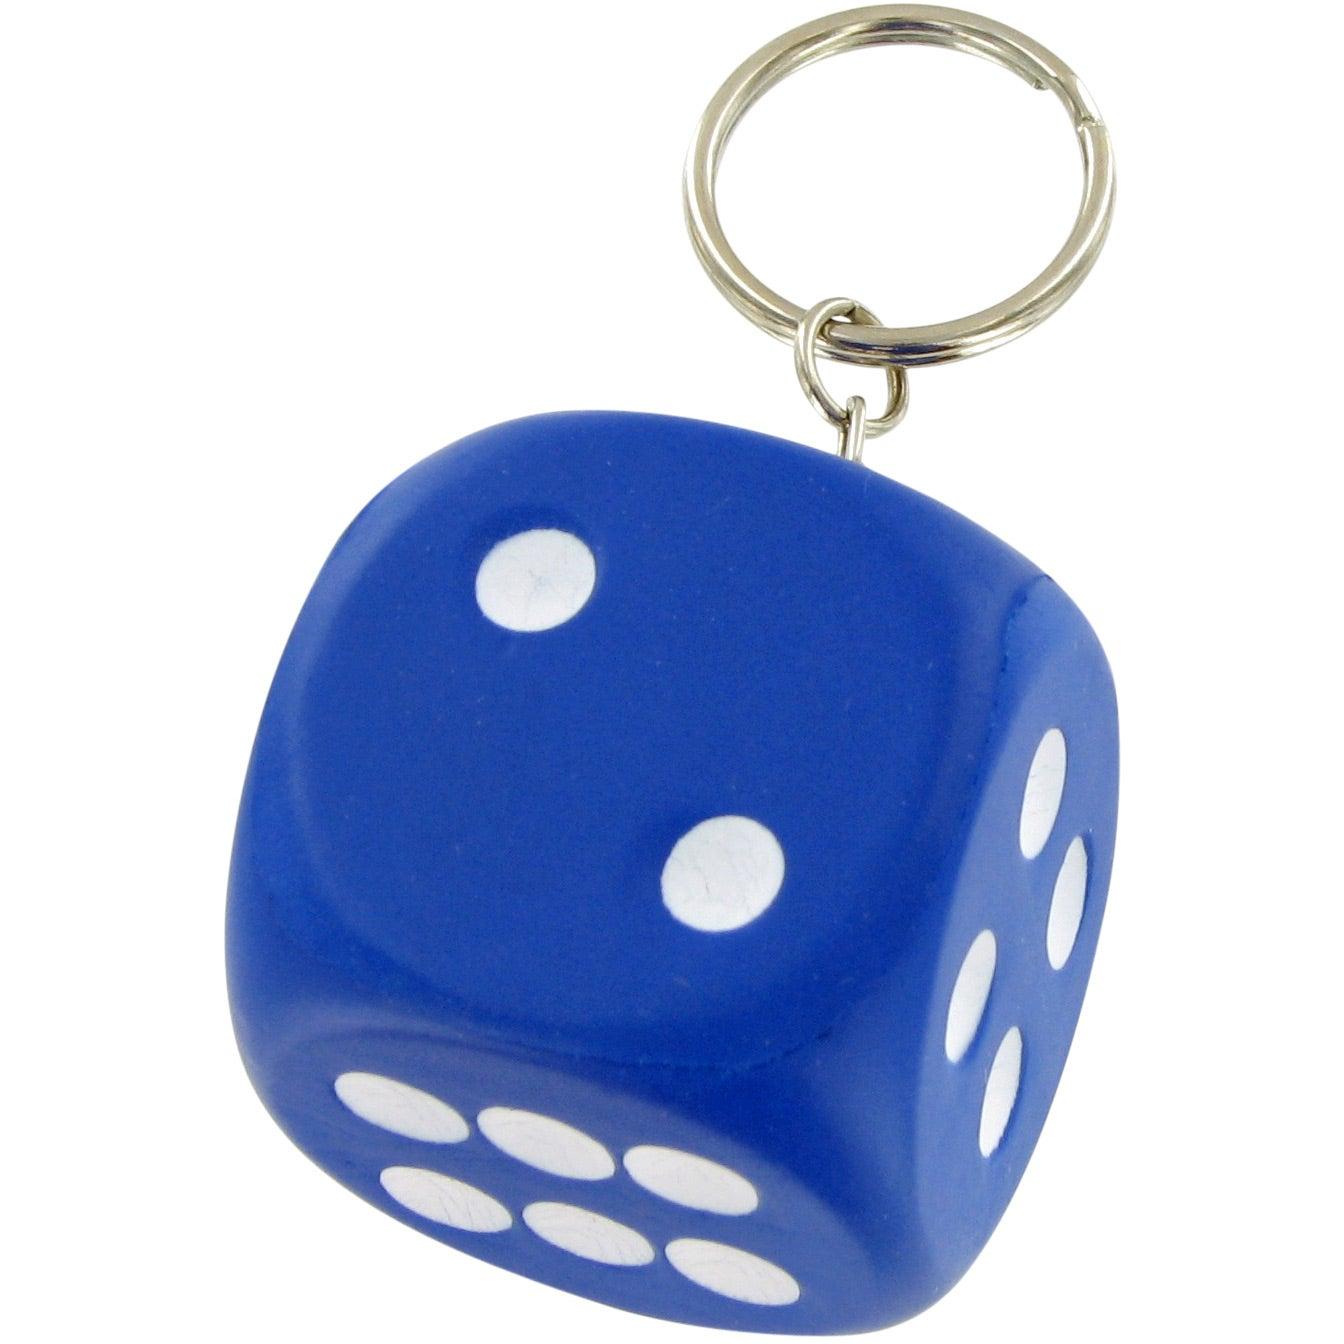 Dice Keychain Stress Toy